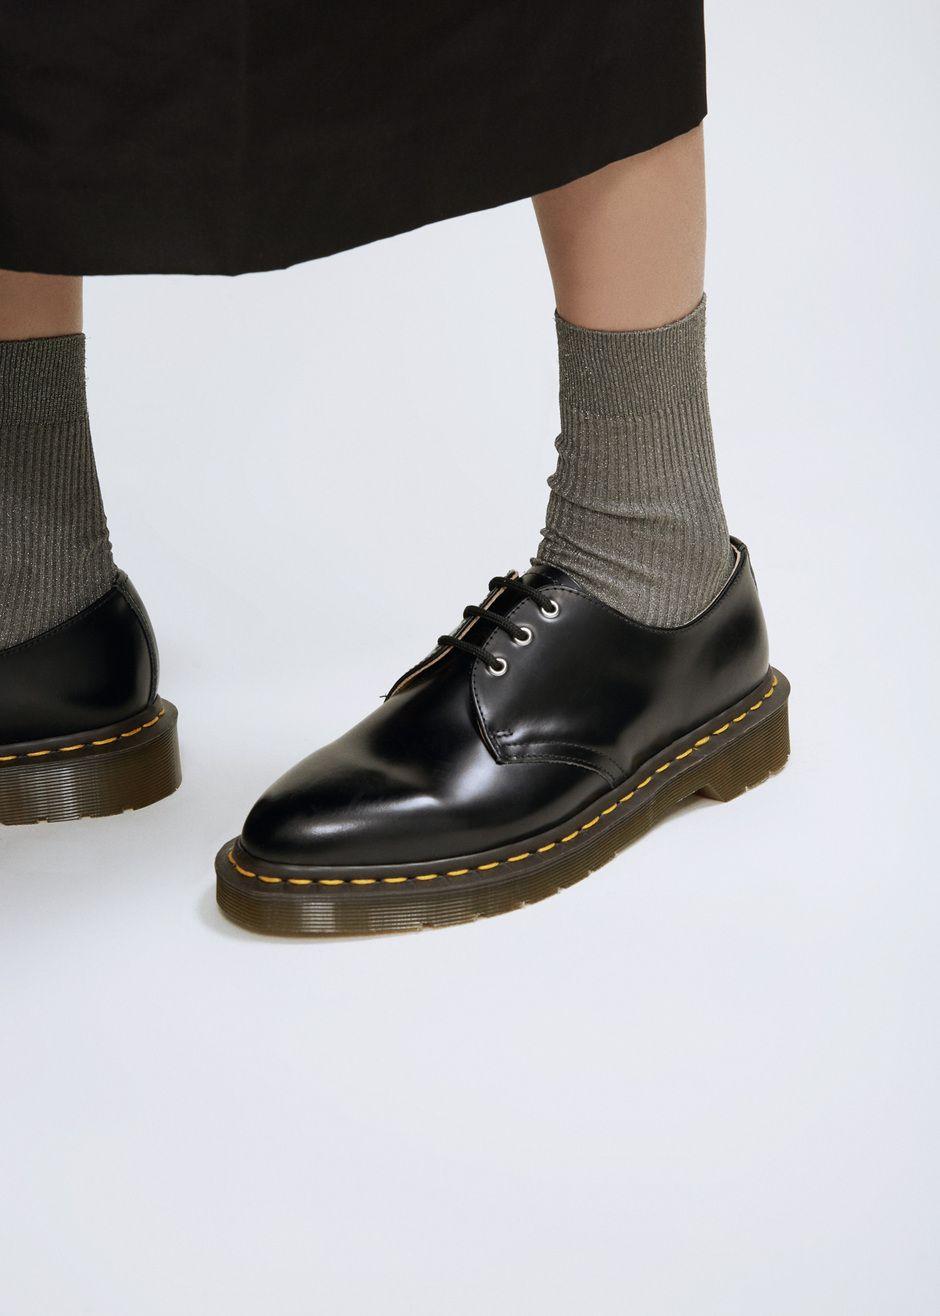 7707dee2b02c Comme des Garcons COMME Dr. Martens Dupree 3-Eye Shoe (Black ...